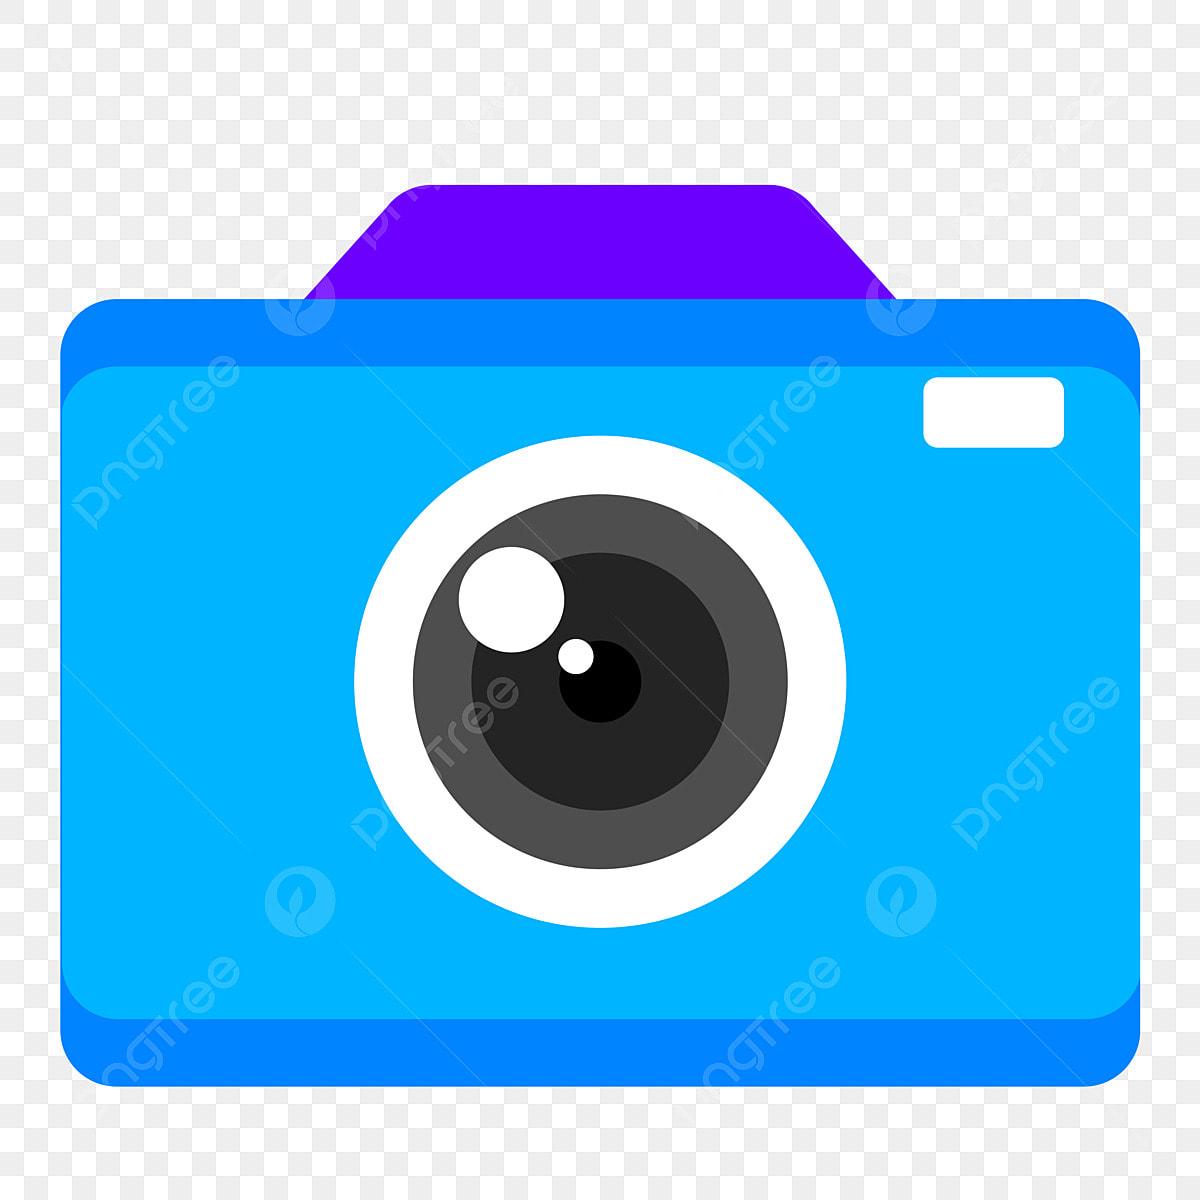 Camera De Desenho Animado Azul Icone Da Camera Icones Dos Desenhos Animados Icones Azuis Imagem Png E Psd Para Download Gratuito